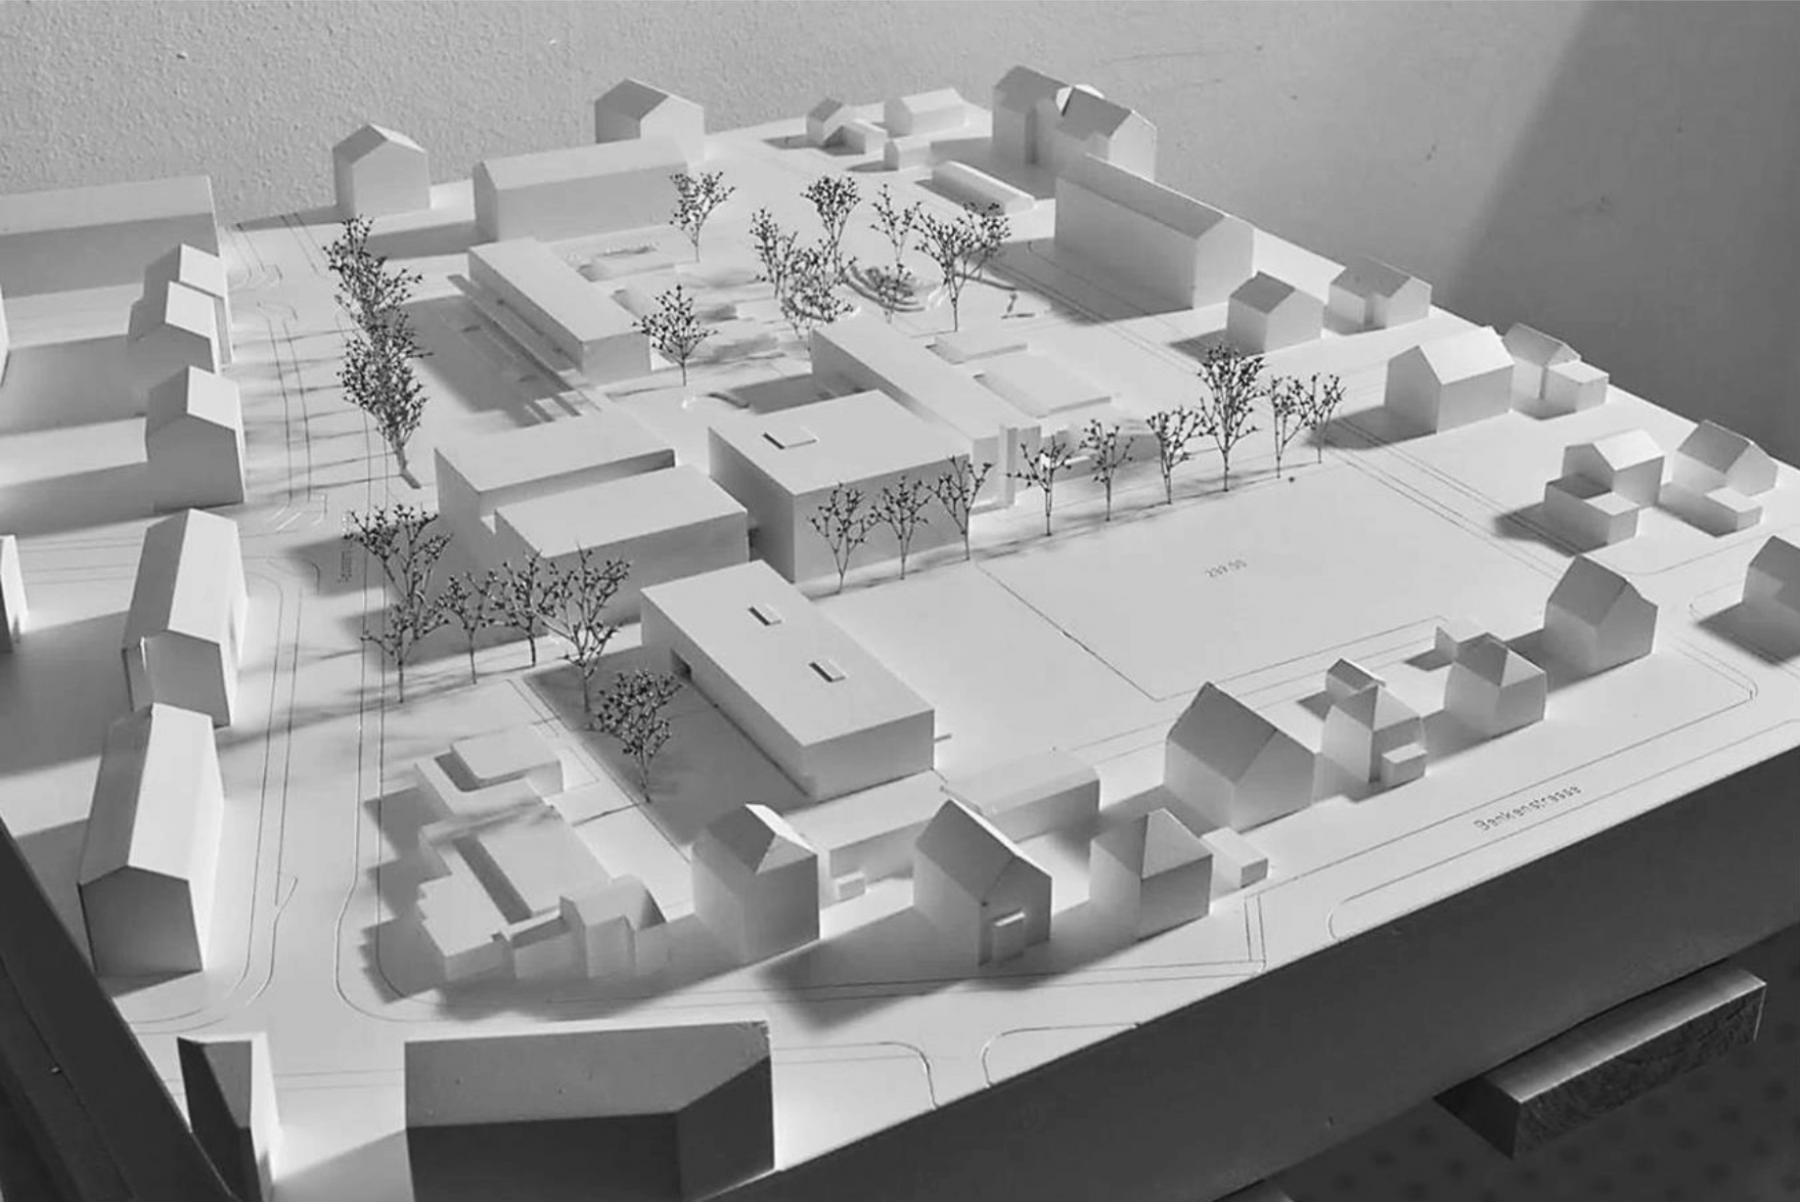 Schulhauserweiterung Lange Heid Münchenstein, Team Rudolf Moser Architekt, ZENTRAL